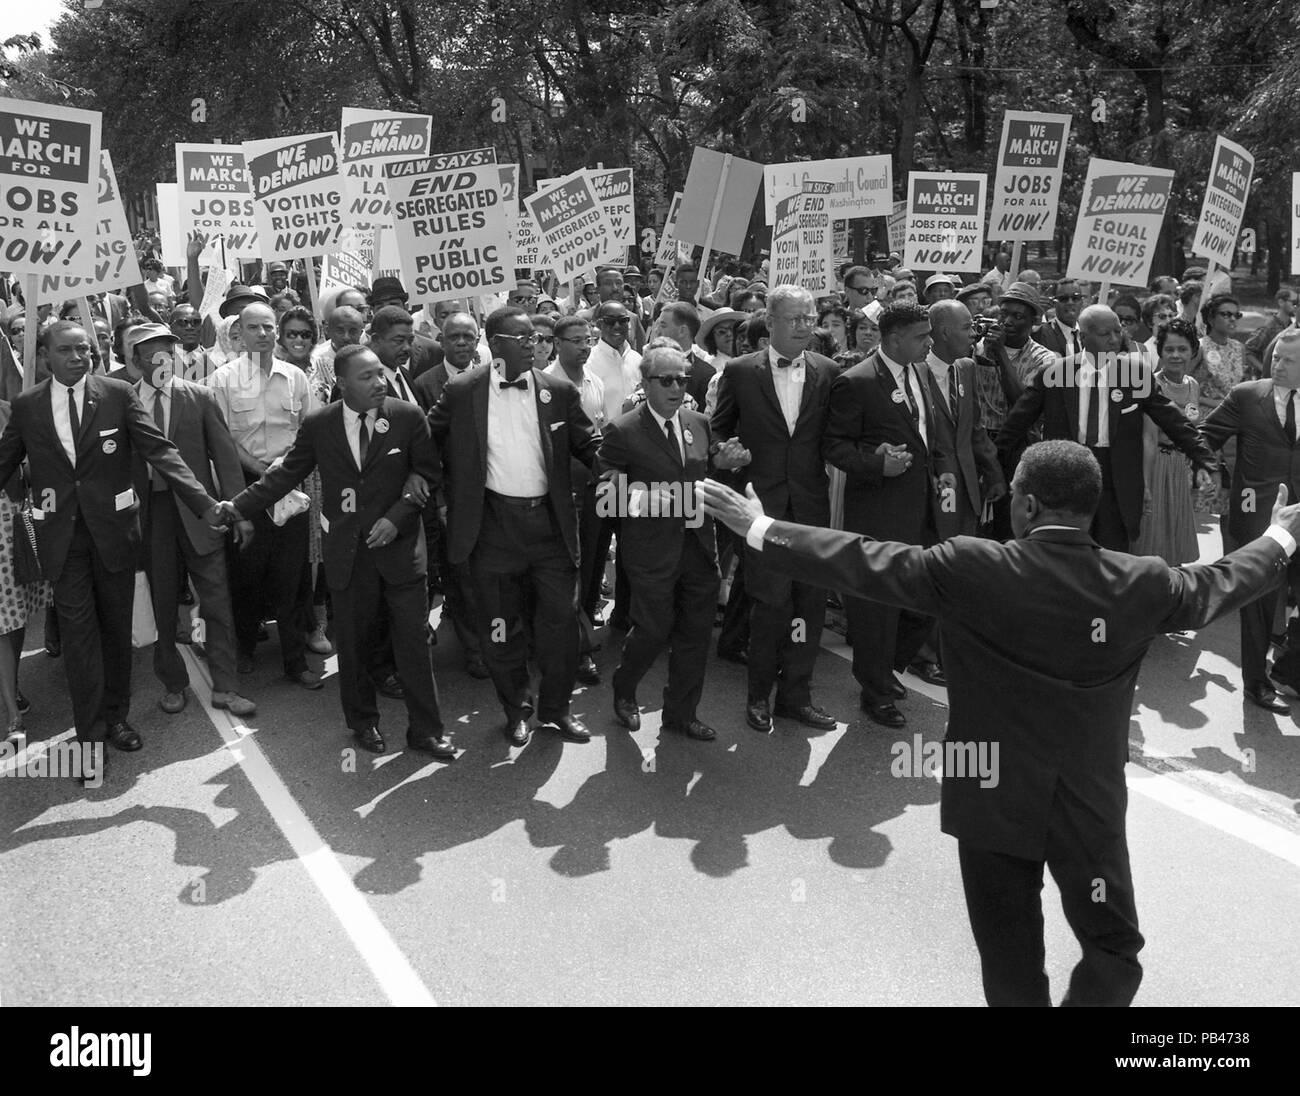 """Martin Luther King Jr e altri diritti civili leader presso la testa del marzo su Washington per posti di lavoro e di libertà Su agosto 28,1963. Il mese di marzo si è conclusa presso il Lincoln Memorial, dove il dottor re consegnato il suo """"Ho un sogno"""" discorso. Immagini Stock"""